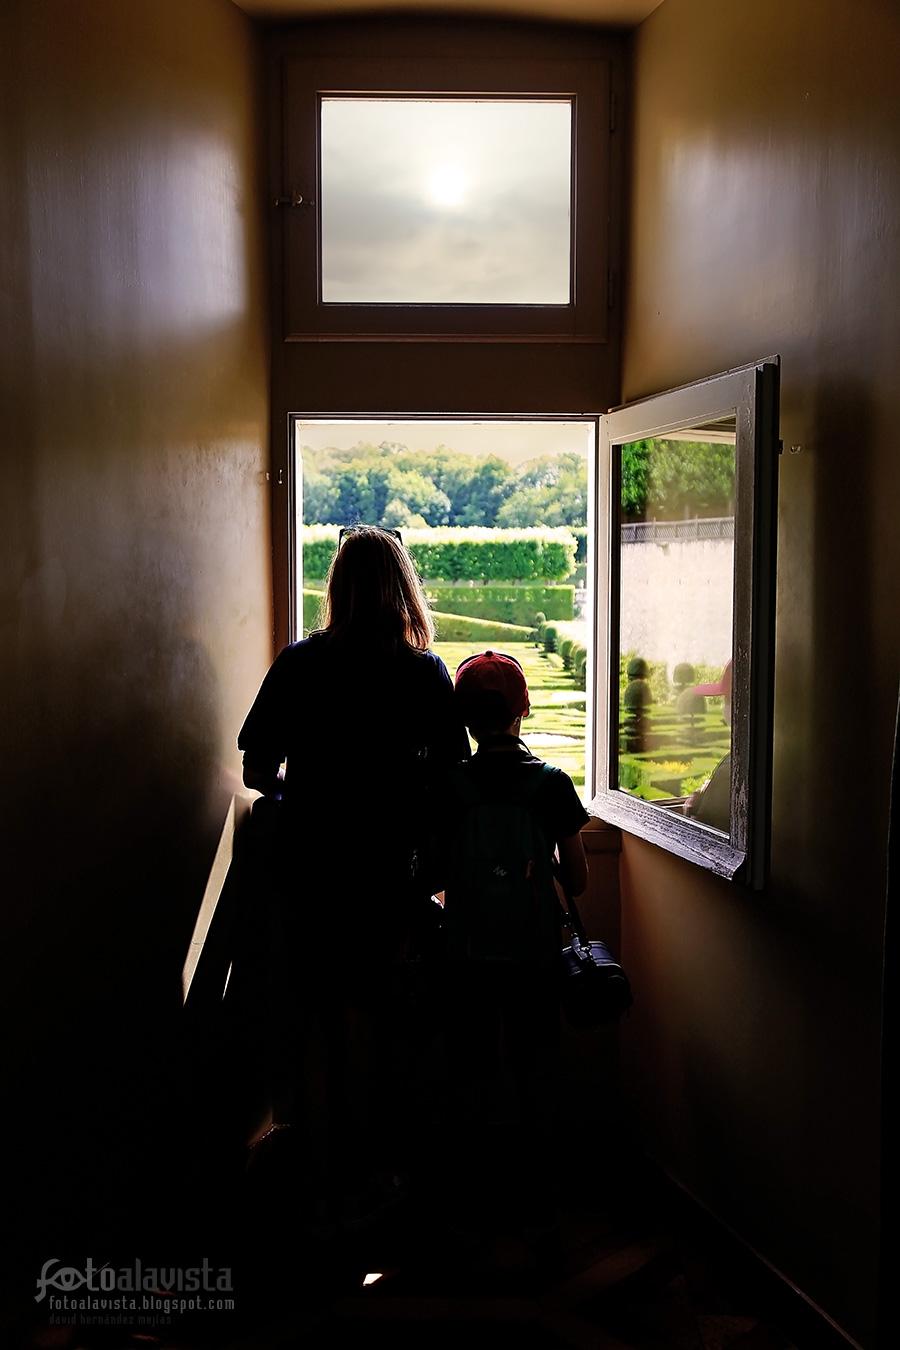 Madre e hijo en la ventana - Fotografía artística